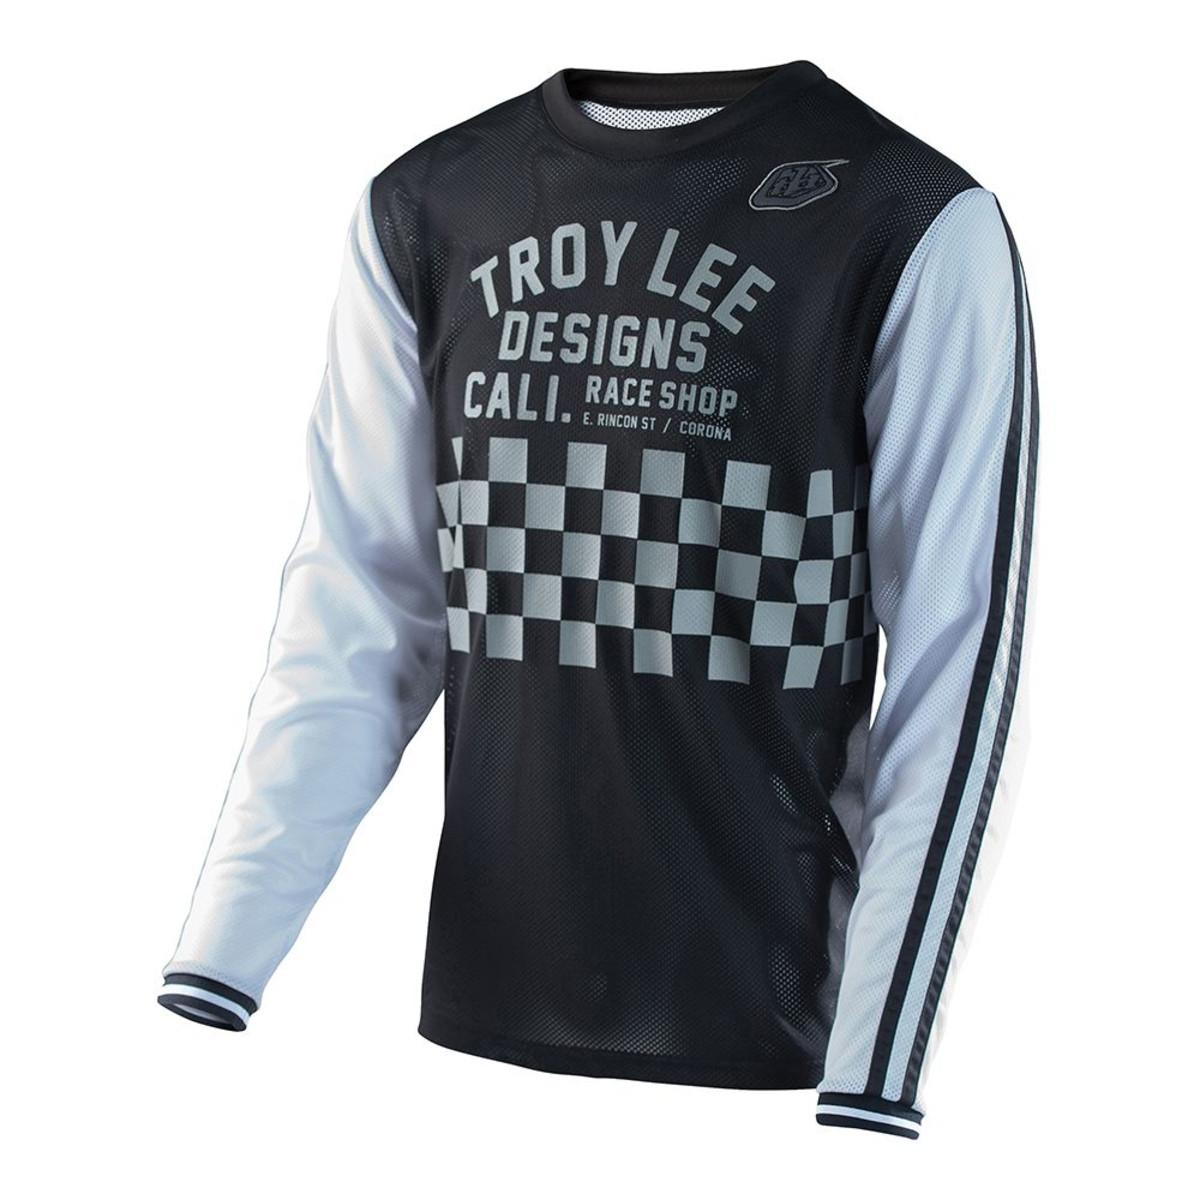 retro jersey shop